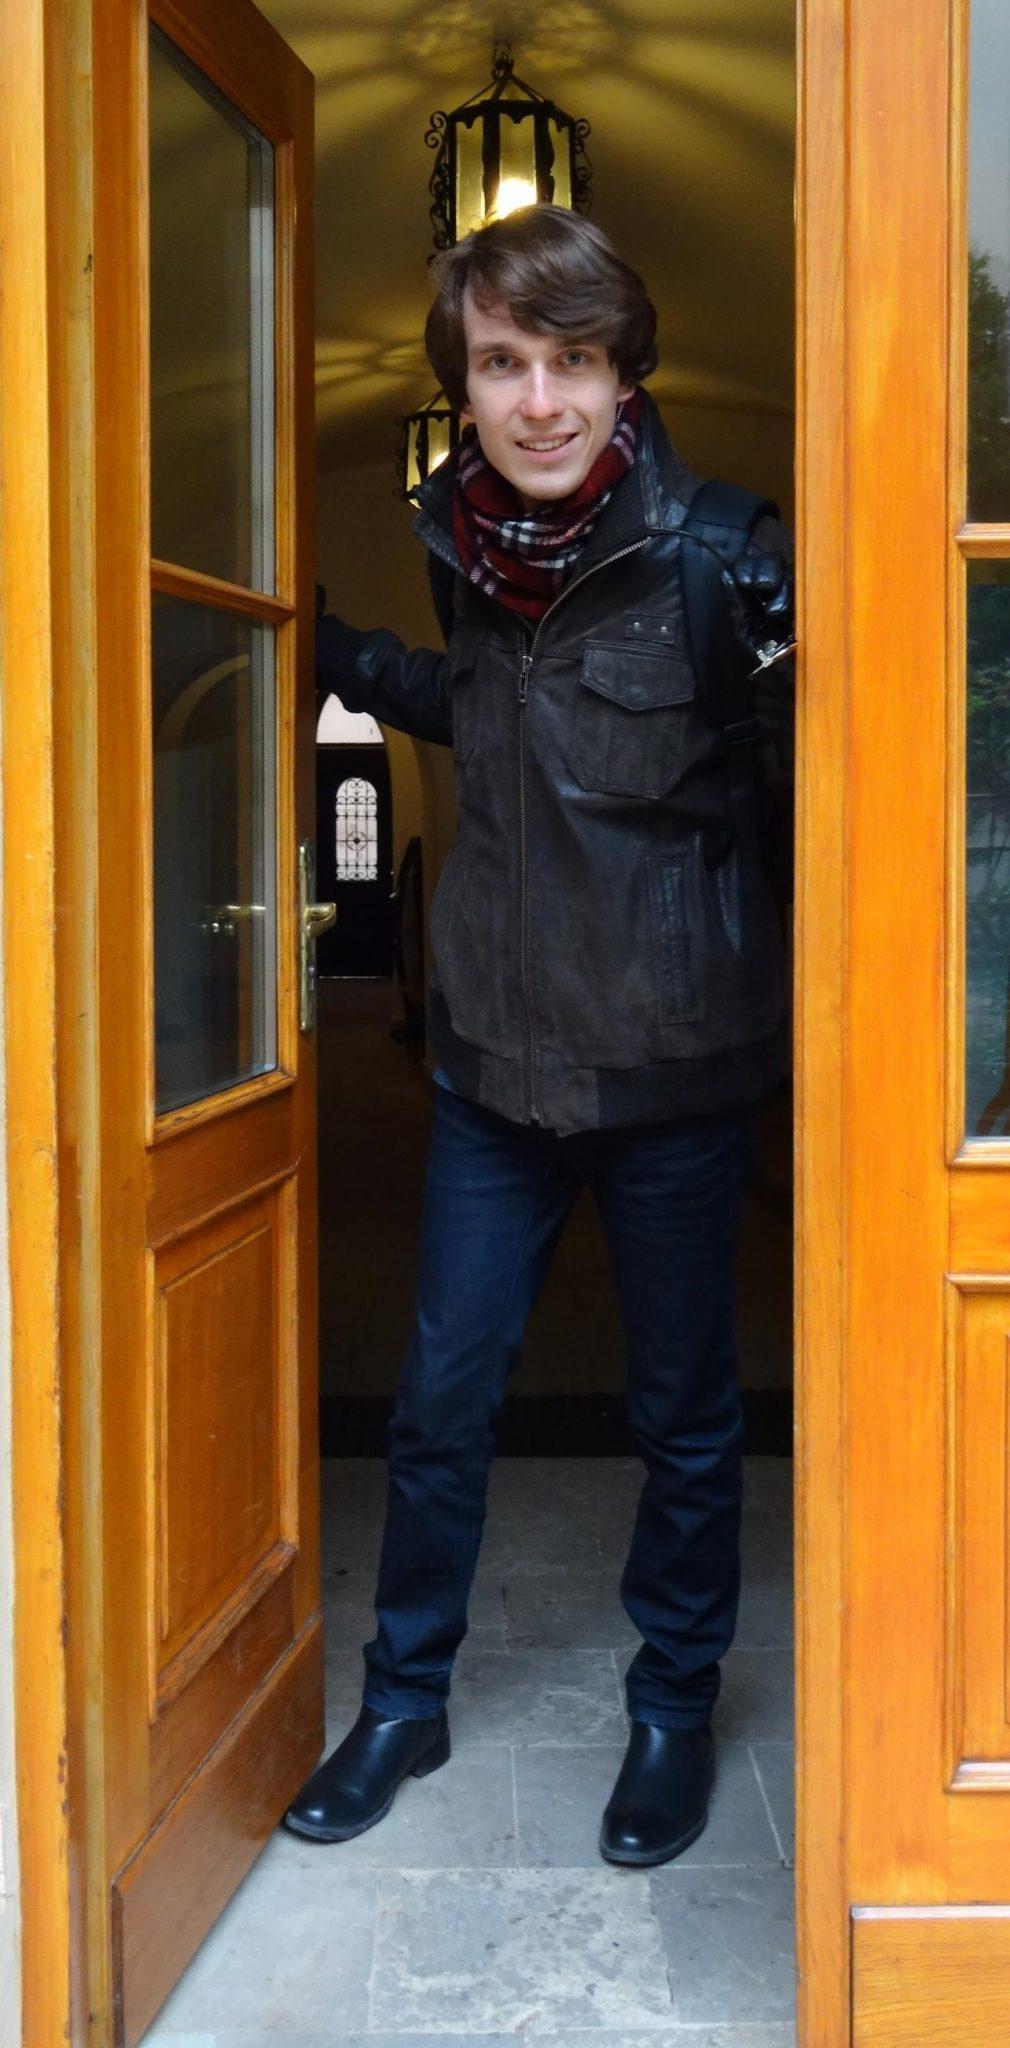 Piotr Hildt w drzwiach Katedry Teatru i Dramatu